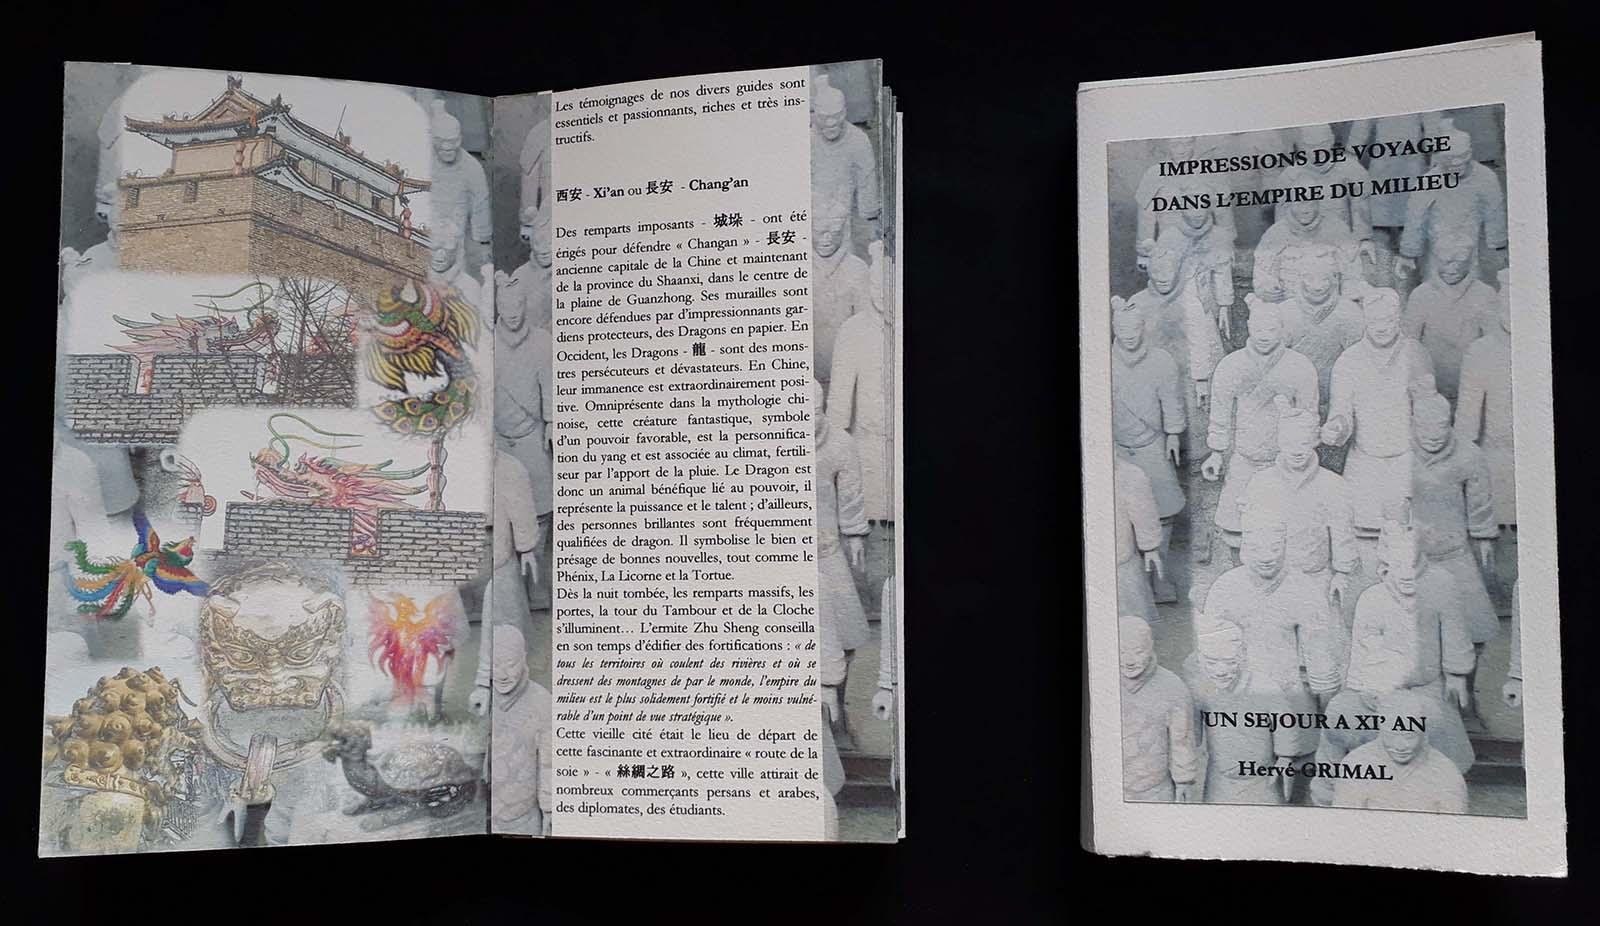 herv grimal impressions artistiques livres d 39 artiste crivain voyageur illustrateur. Black Bedroom Furniture Sets. Home Design Ideas